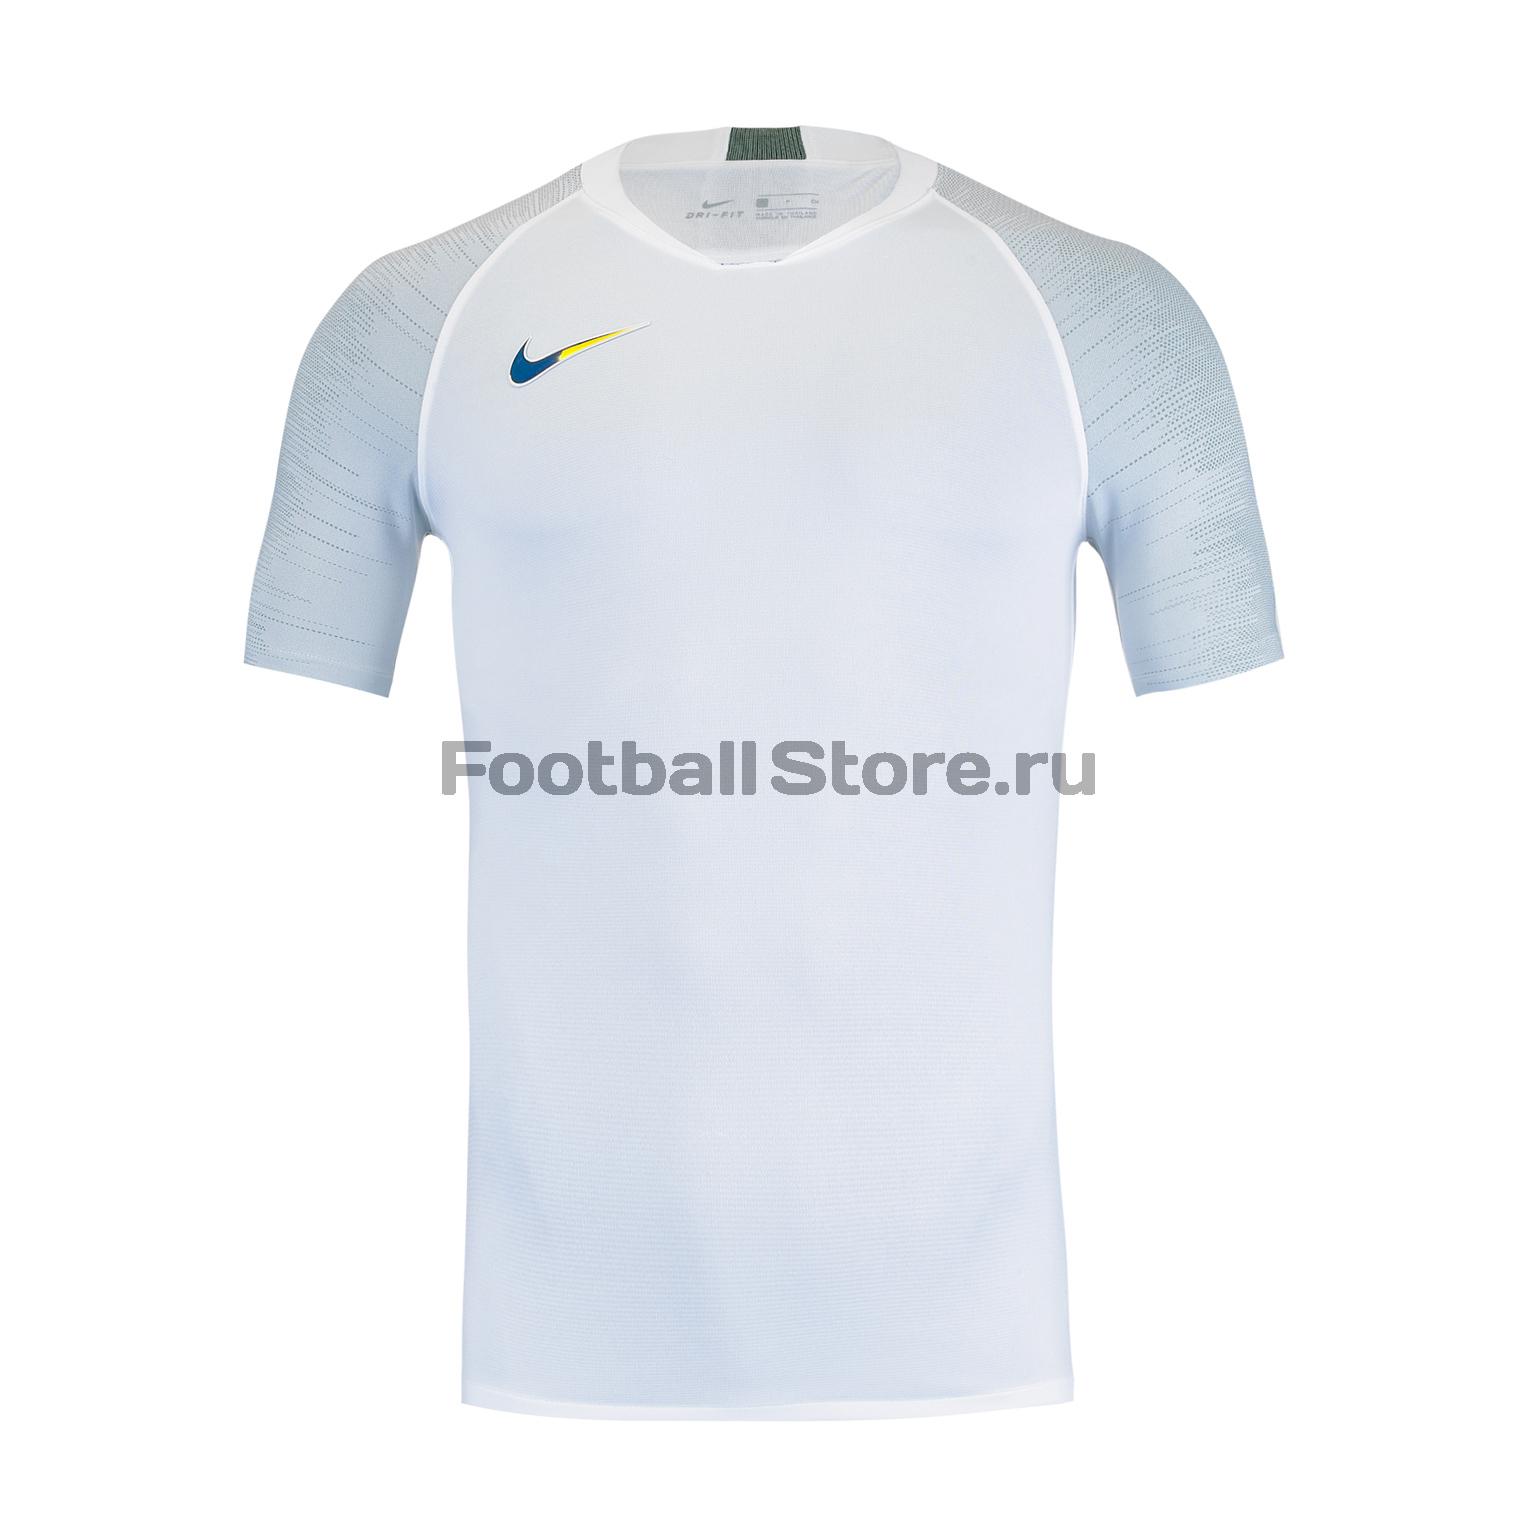 Футболка тренировочная Nike Strike Top AT5870-100 футболка тренировочная nike strike top at5870 010